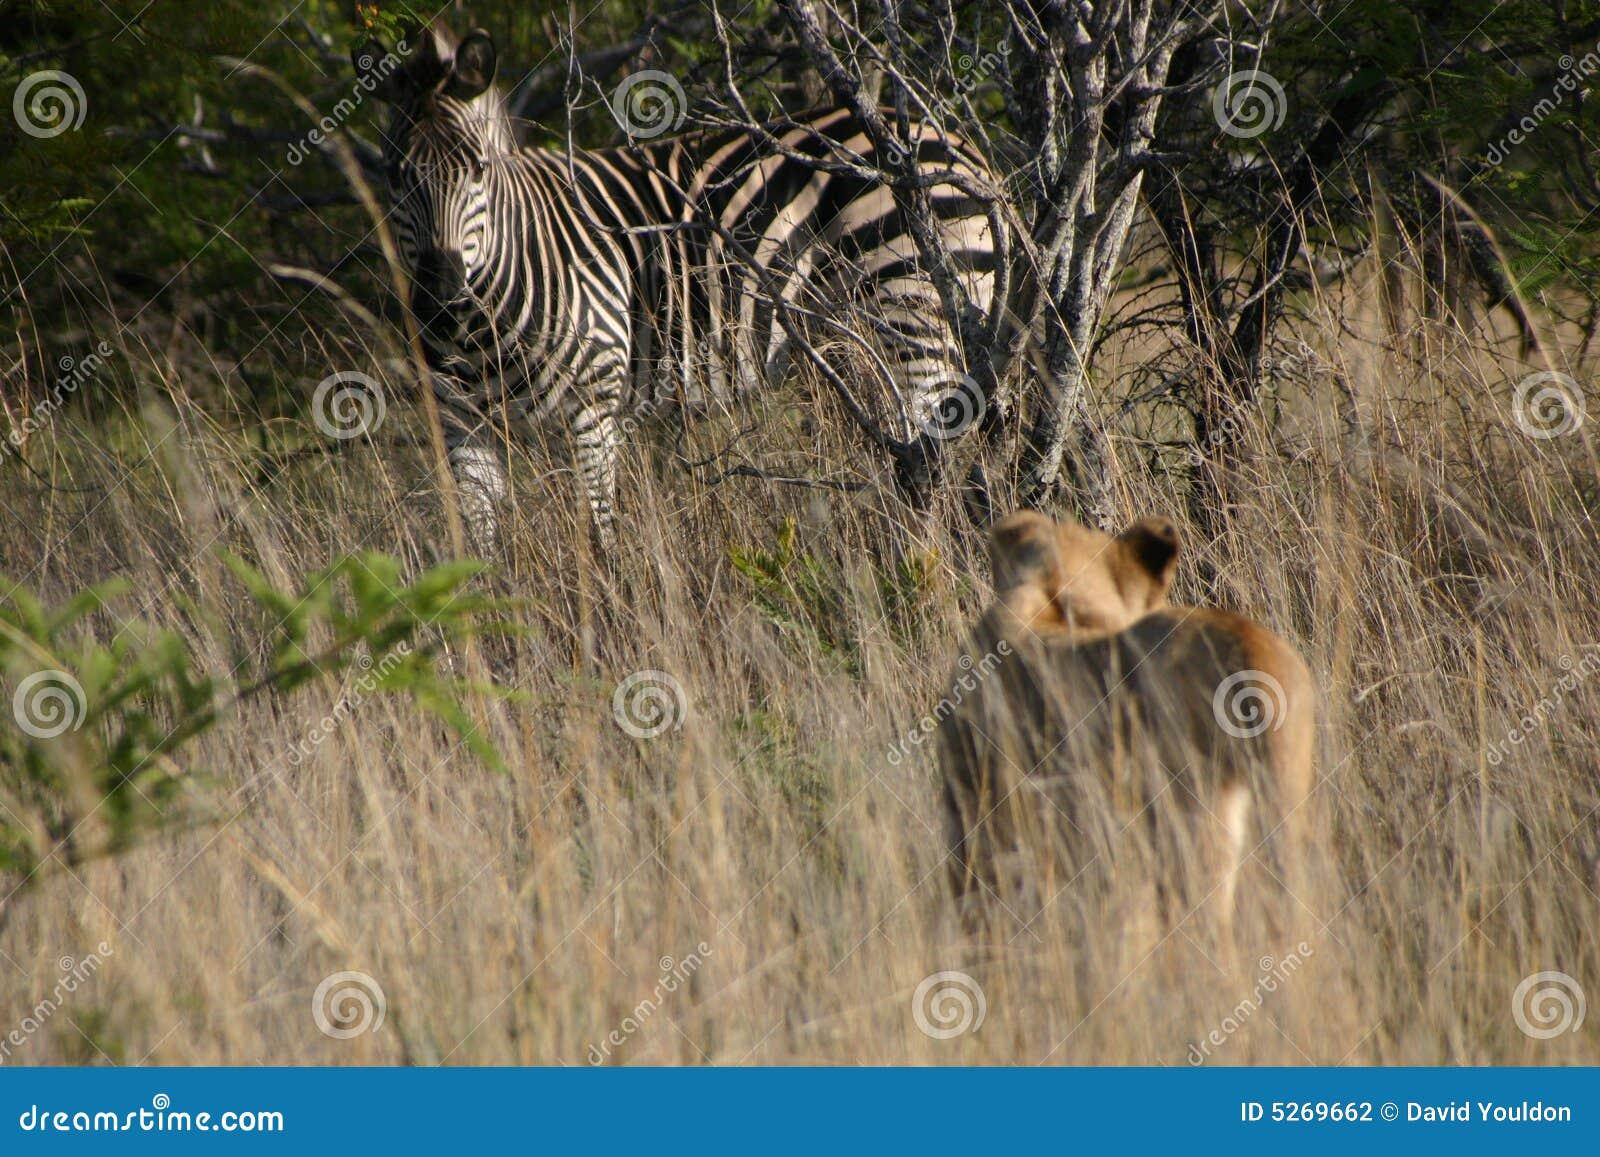 León y cebra foto de archivo. Imagen de animal, carnívoro - 5269662